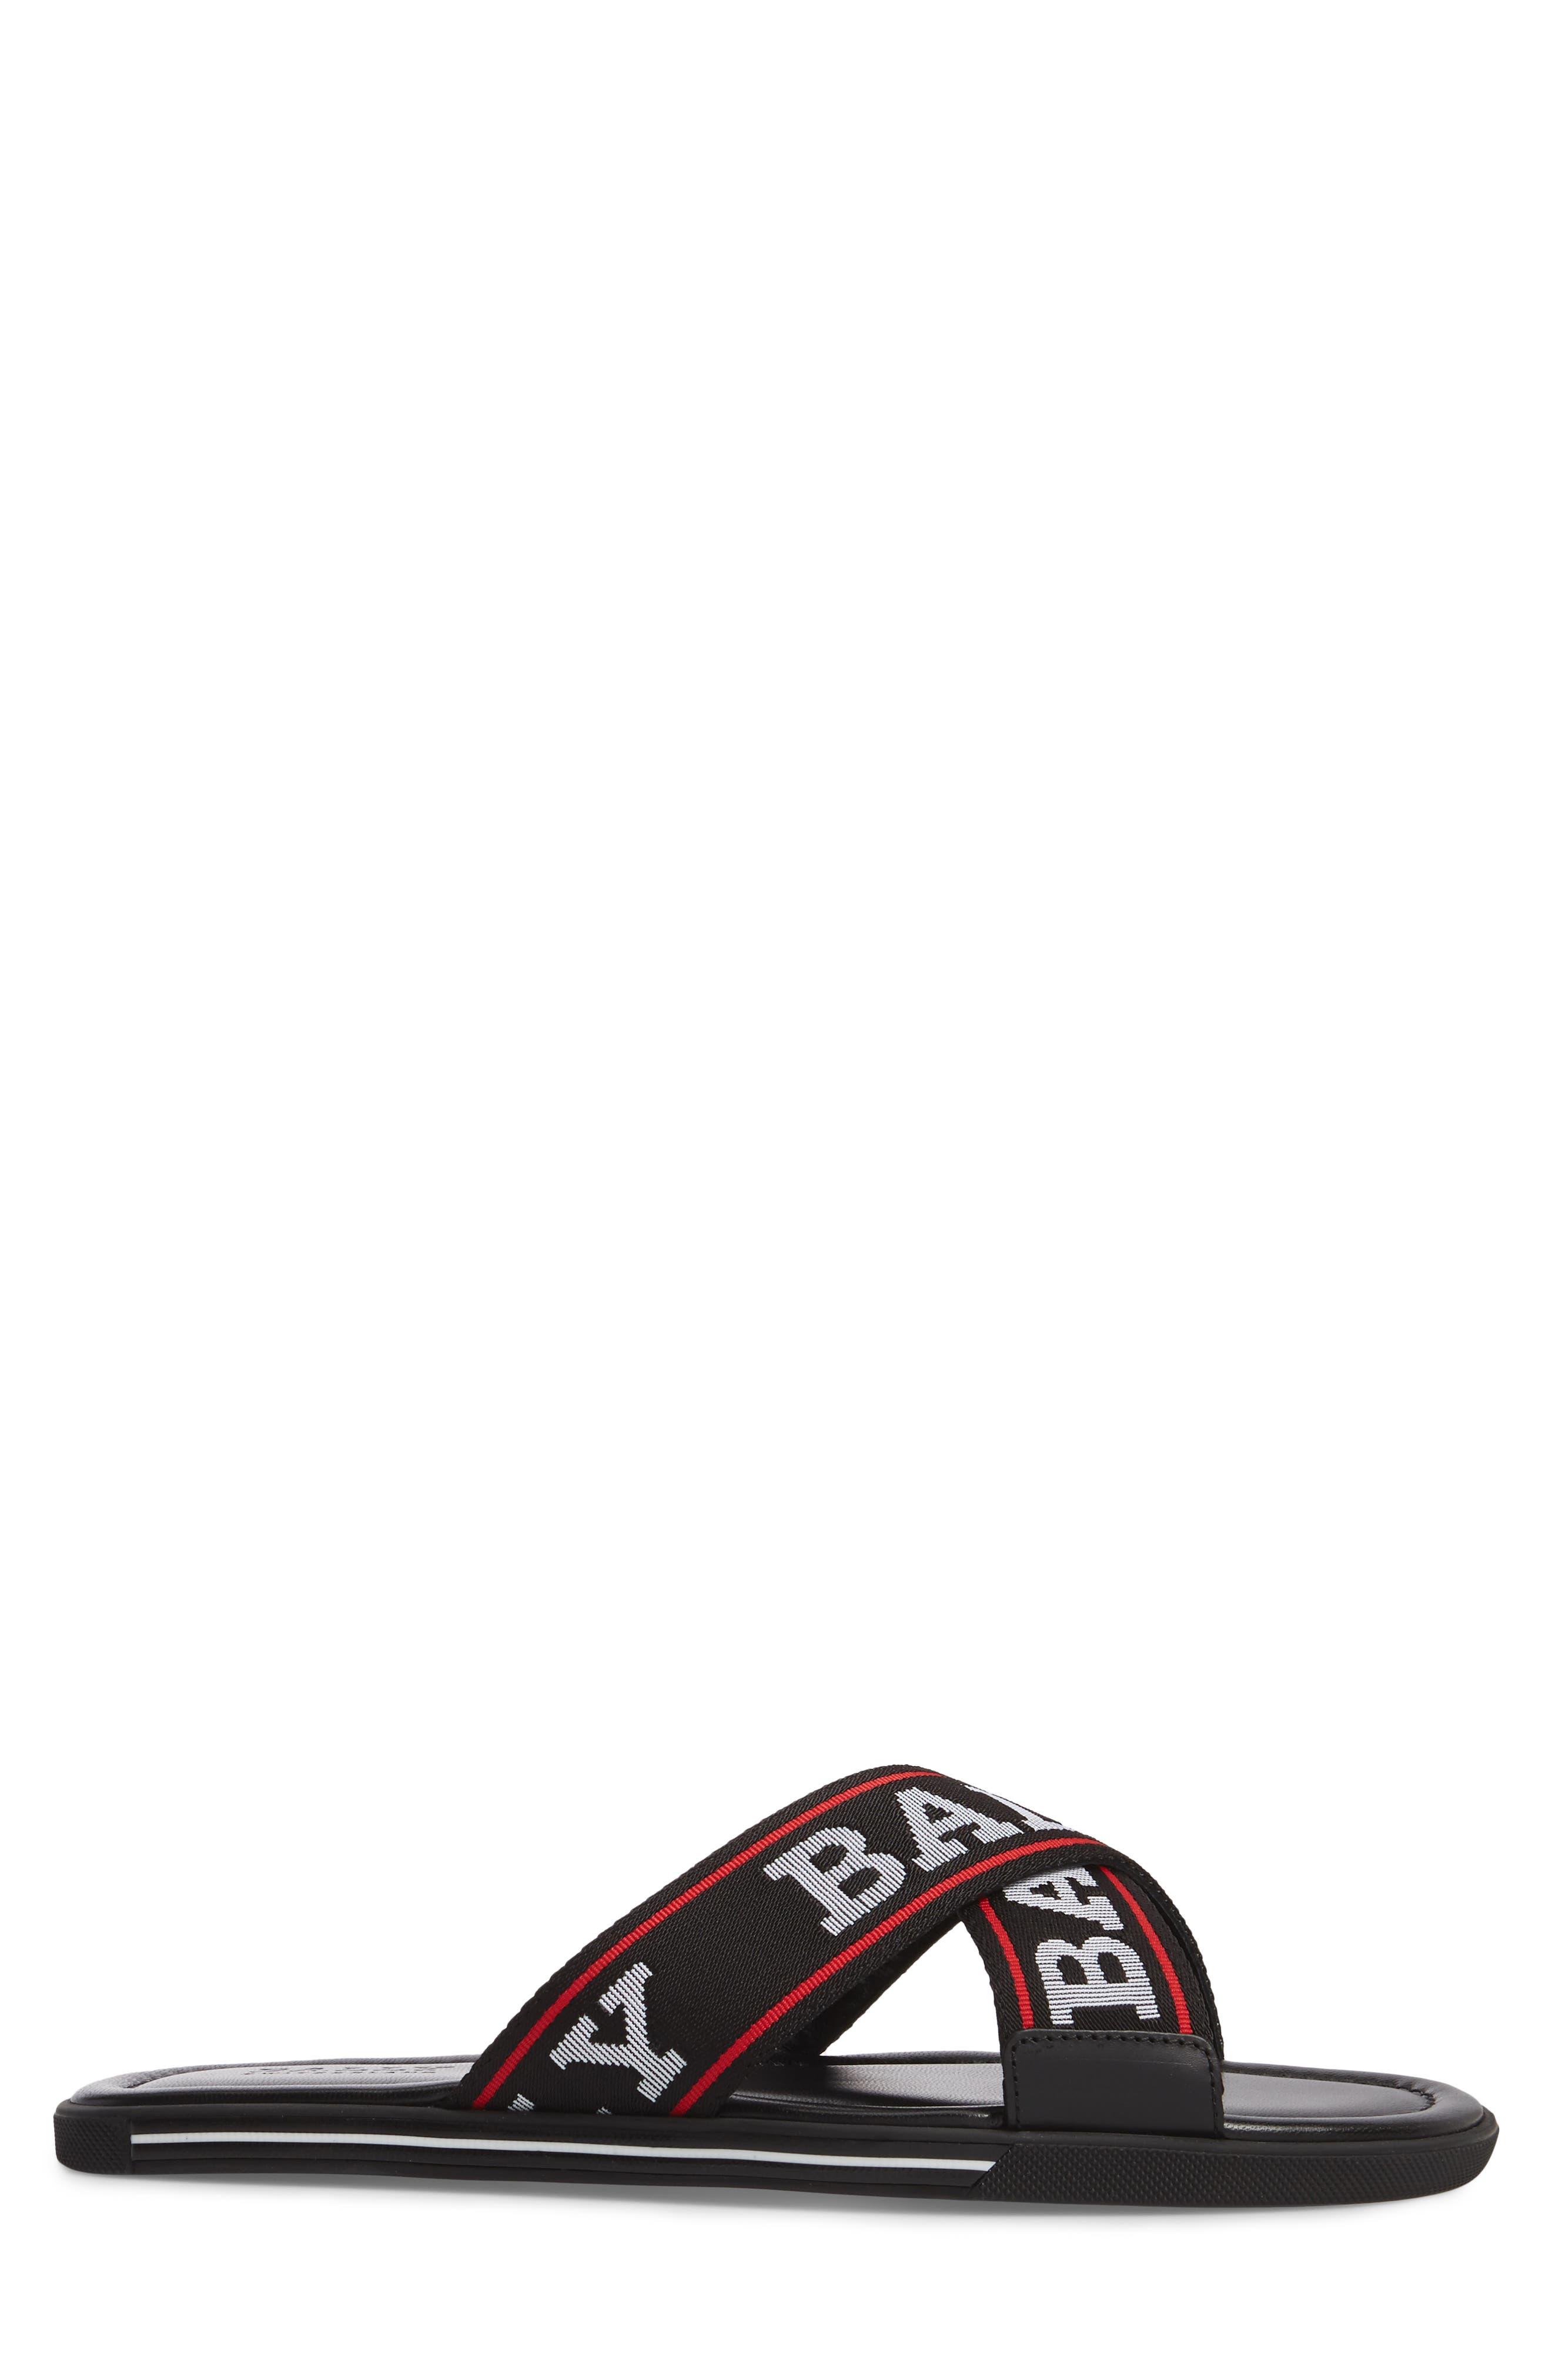 Bonks Logo Slide Sandal,                             Alternate thumbnail 3, color,                             Black/ Bone/ Red